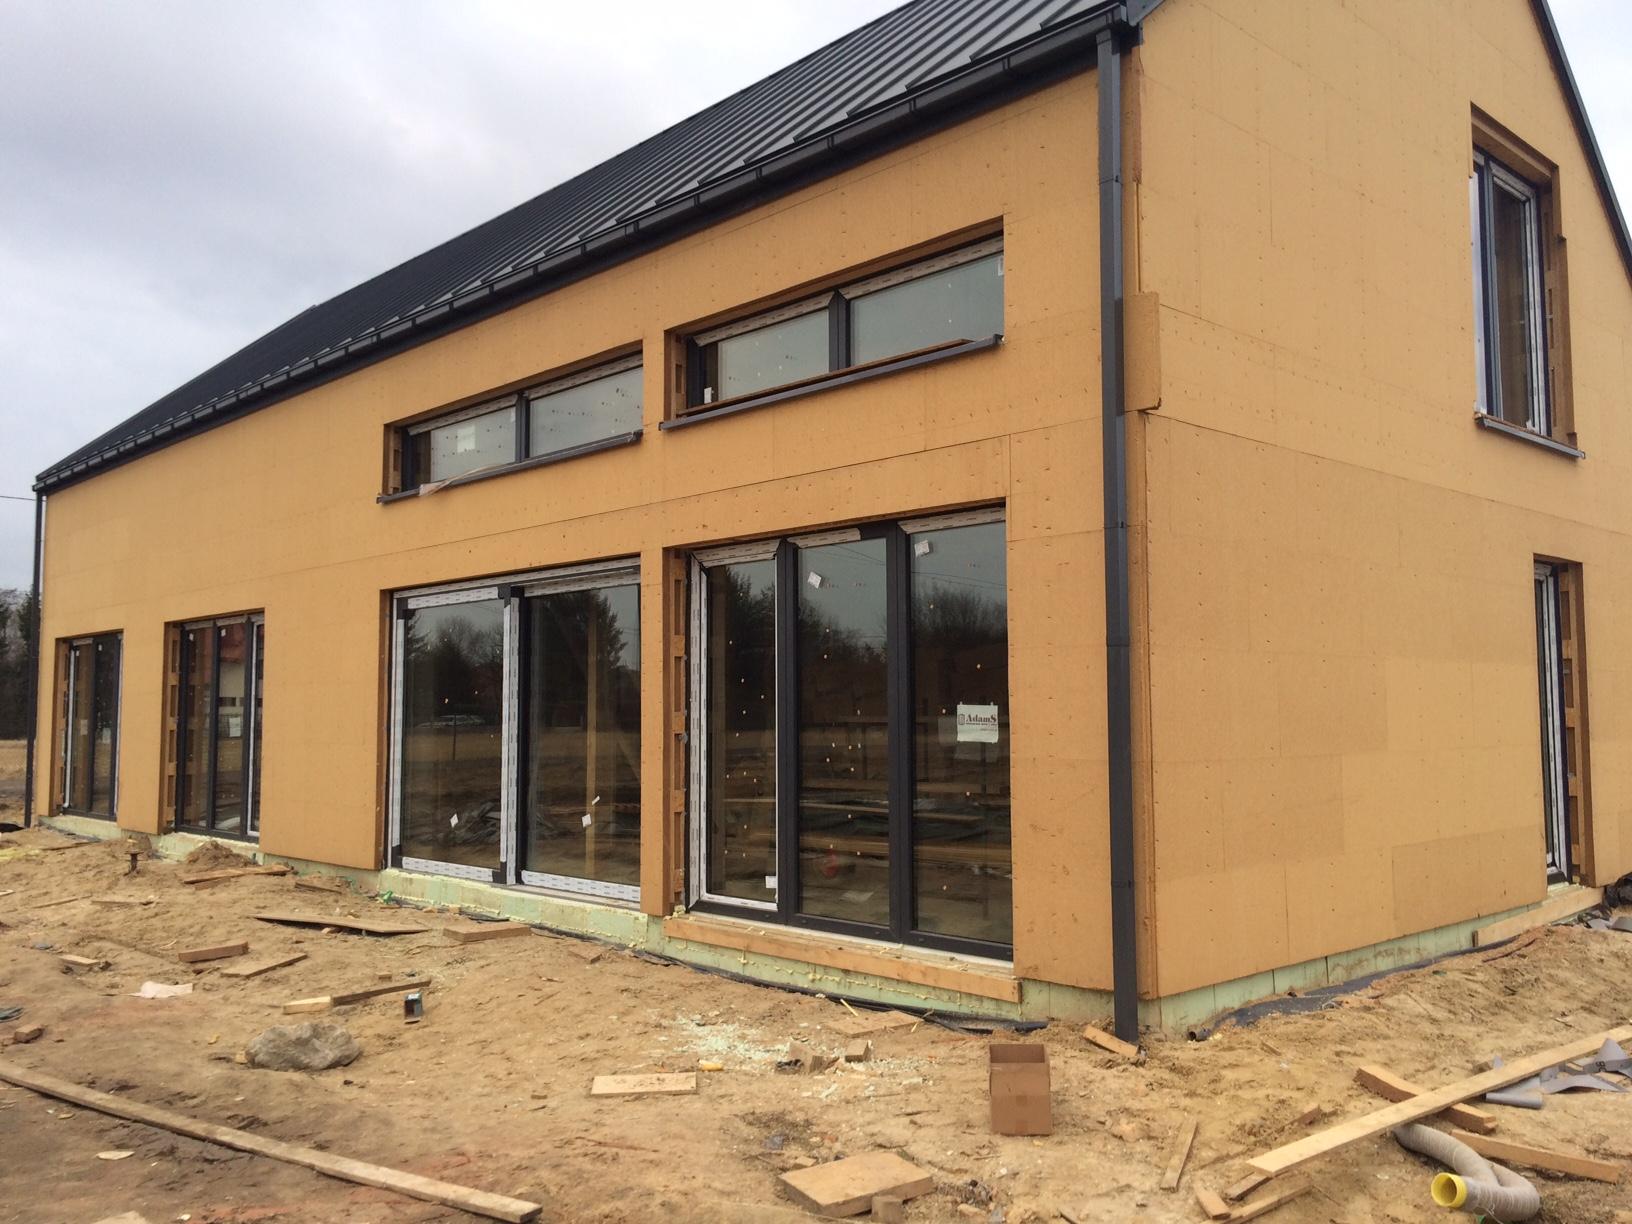 Okna i drzwi balkonowe AdamS Passiv-Line Ultra zainstalowane w budynku o szkieletowej konstrukcji drewnianej STEICO